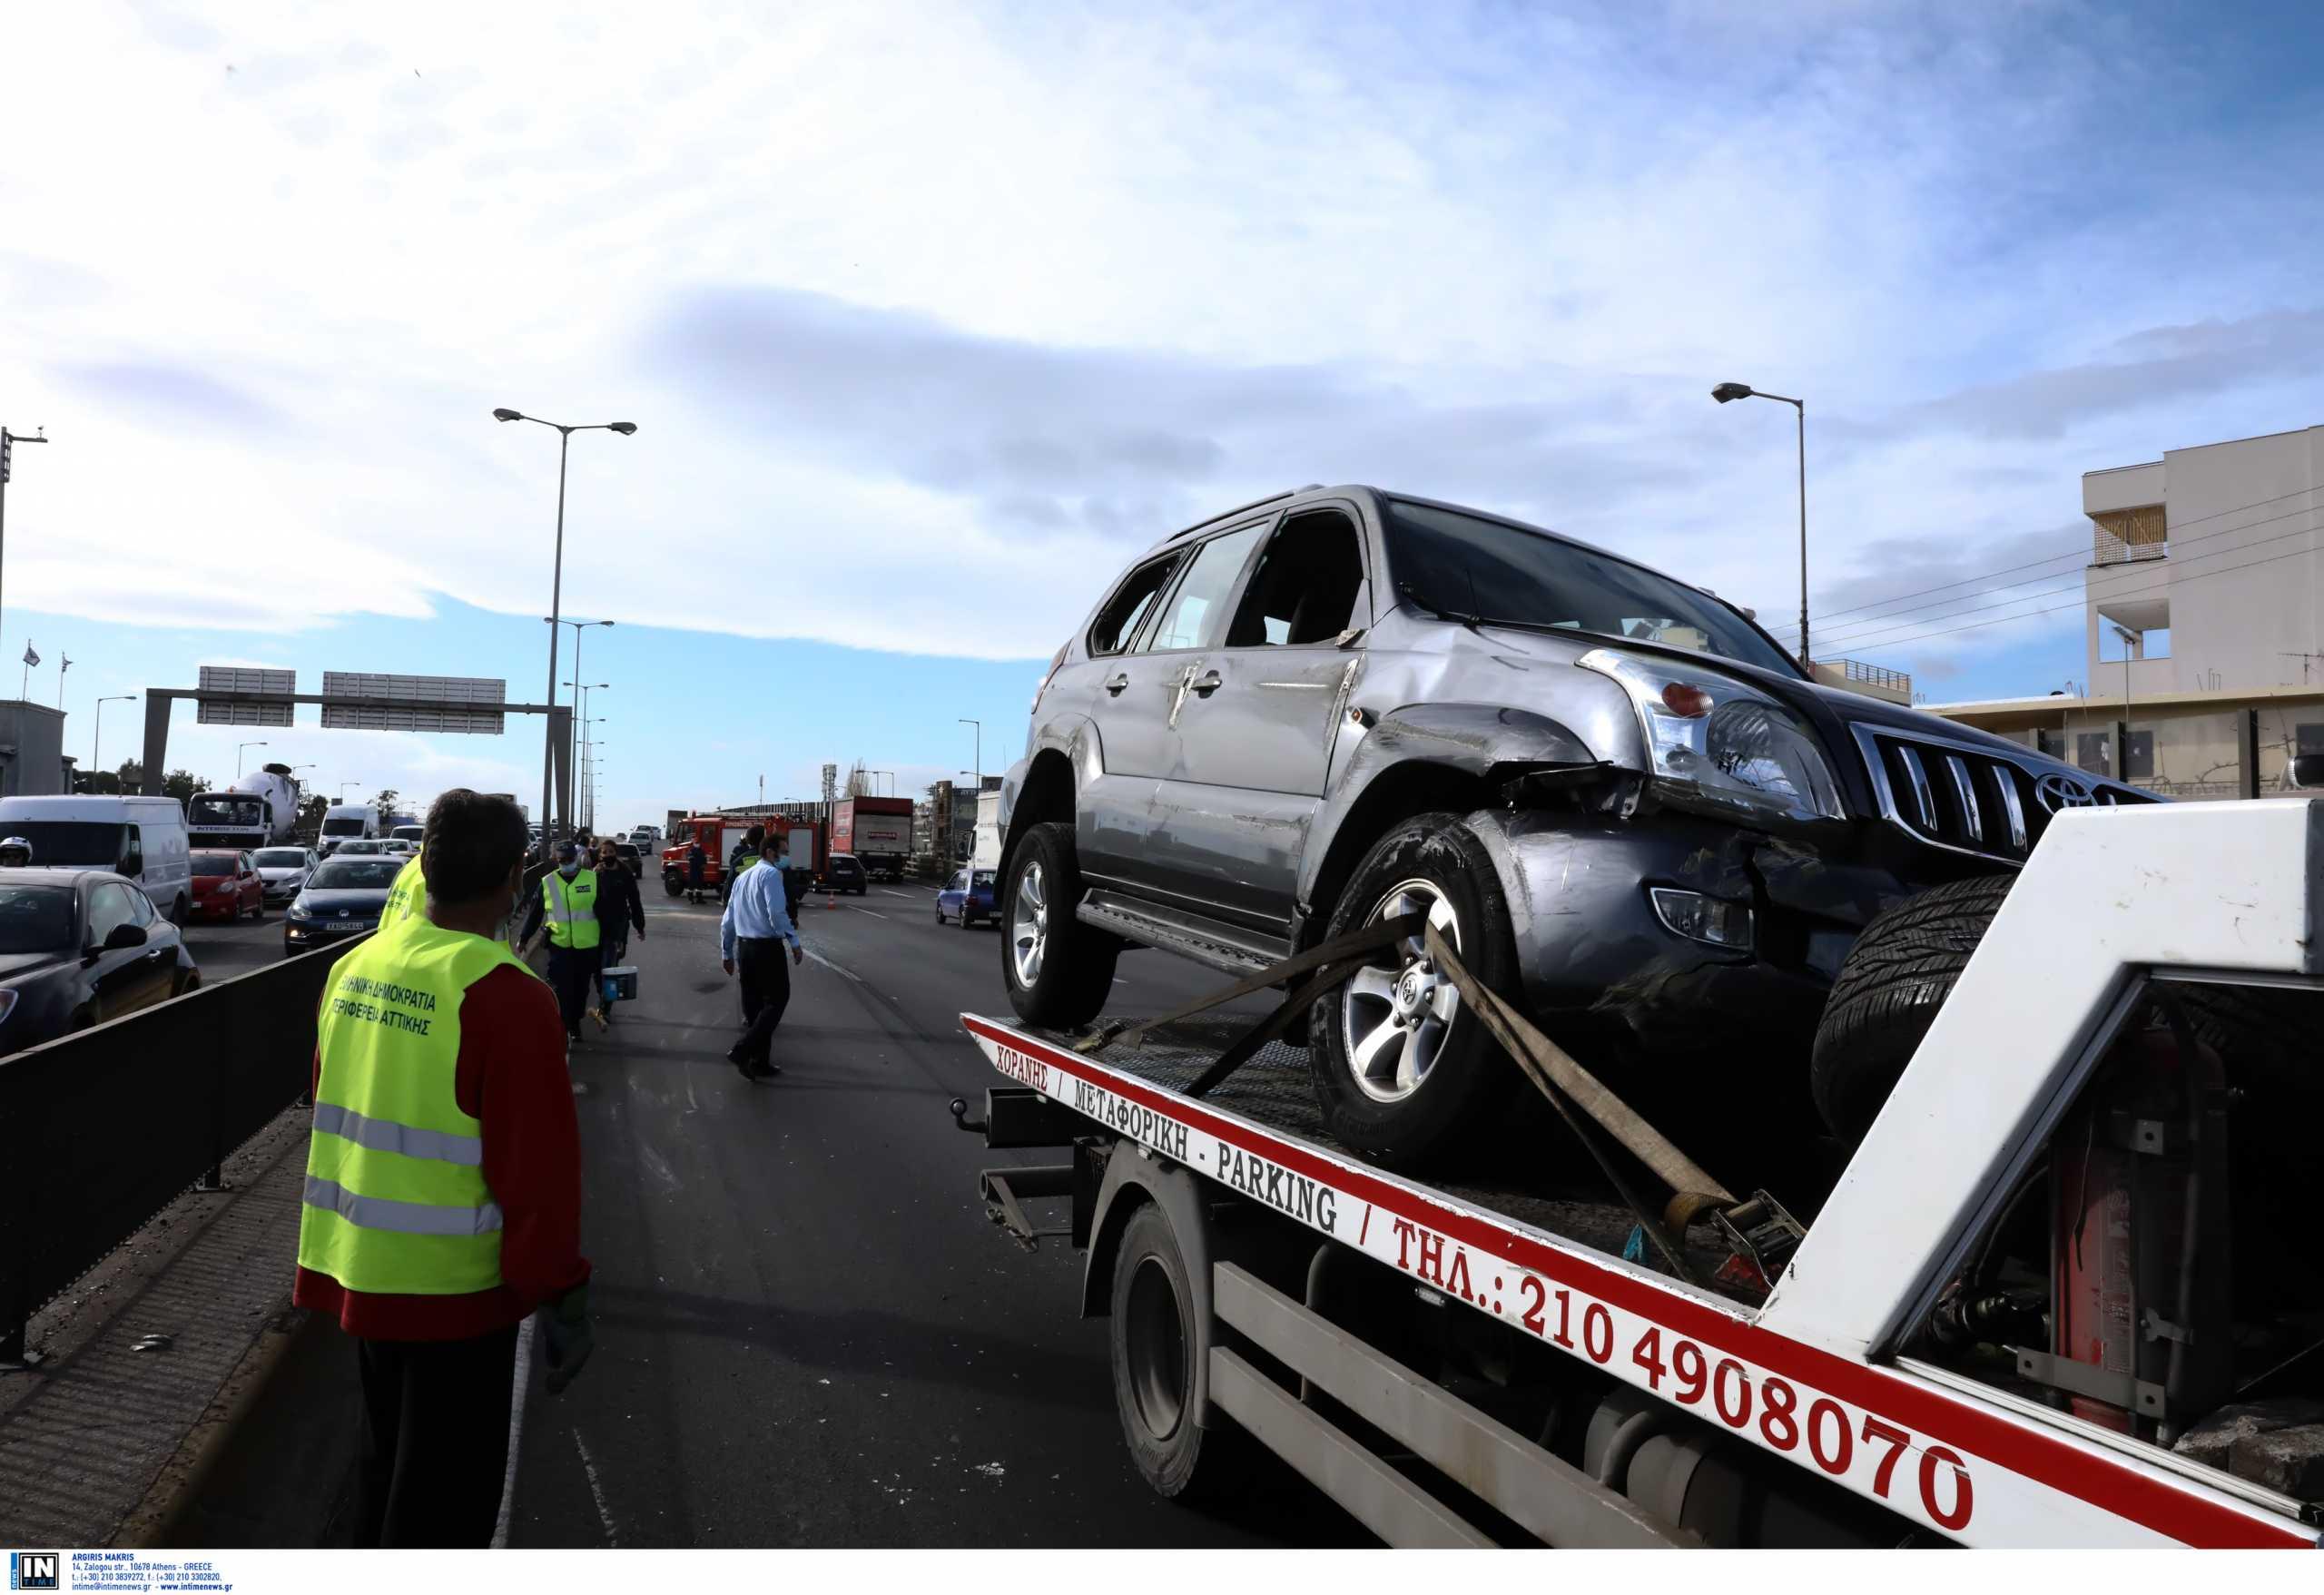 Νέες εικόνες από το σοβαρό τροχαίο στη λεωφόρο Κηφισού (pics, video)